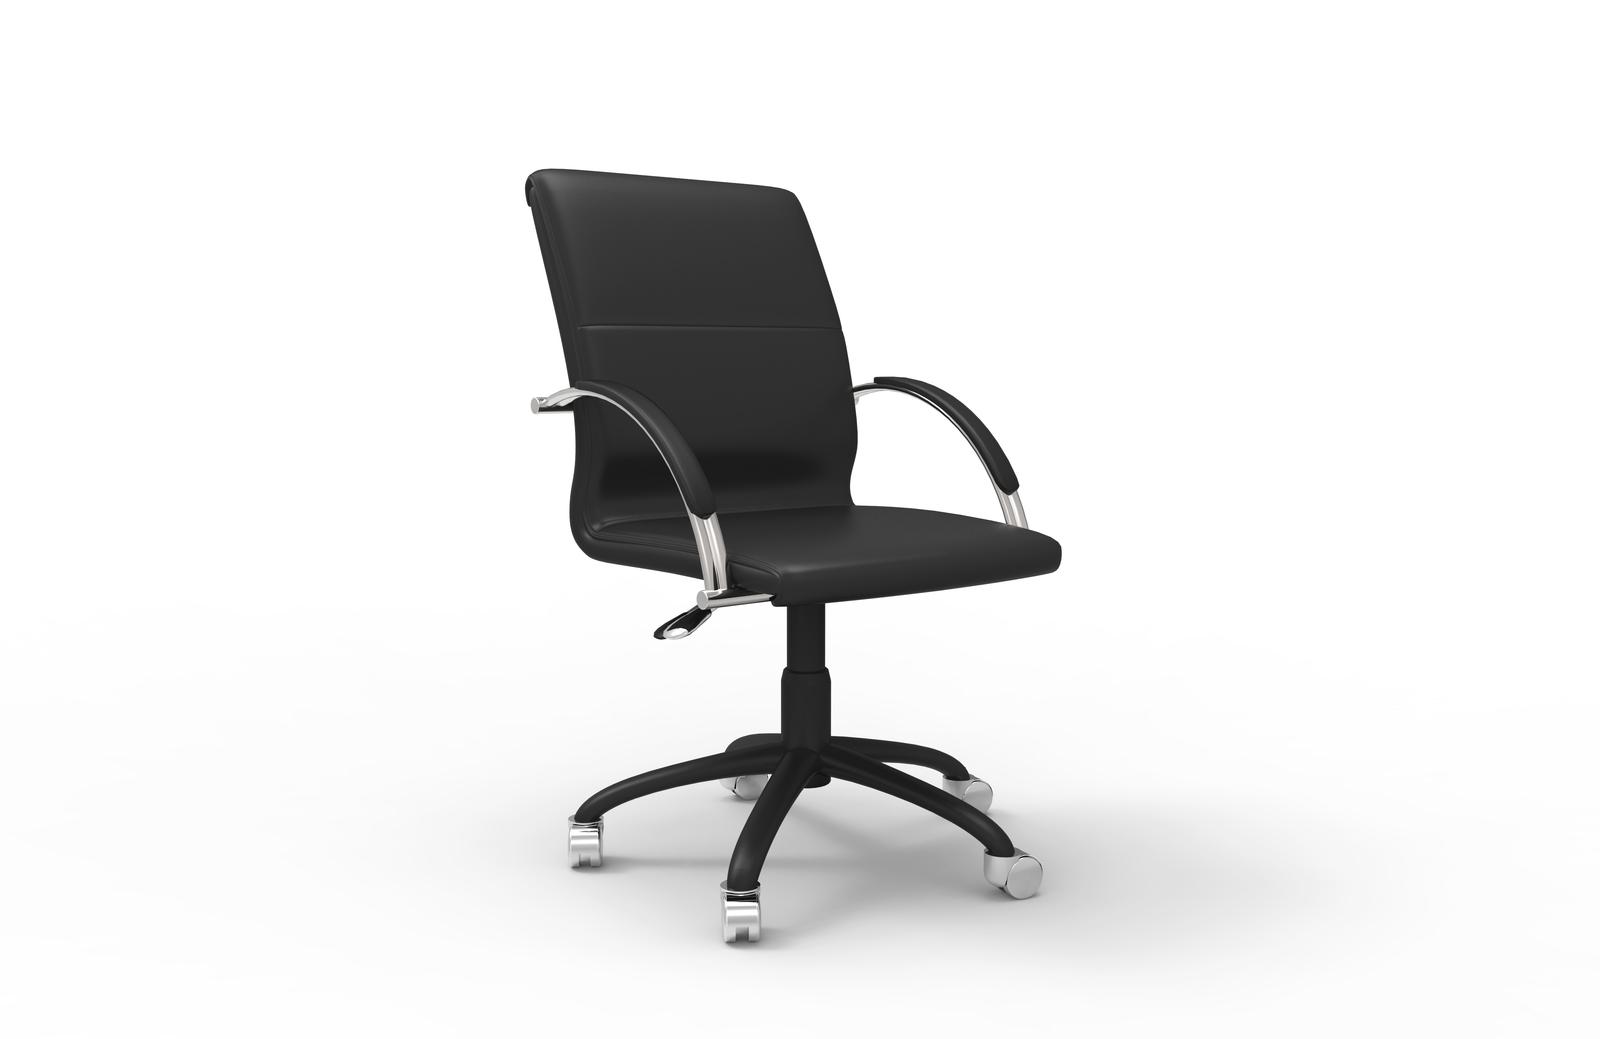 Krzesło do biurka, które zapewni najwyższy komfort pracy